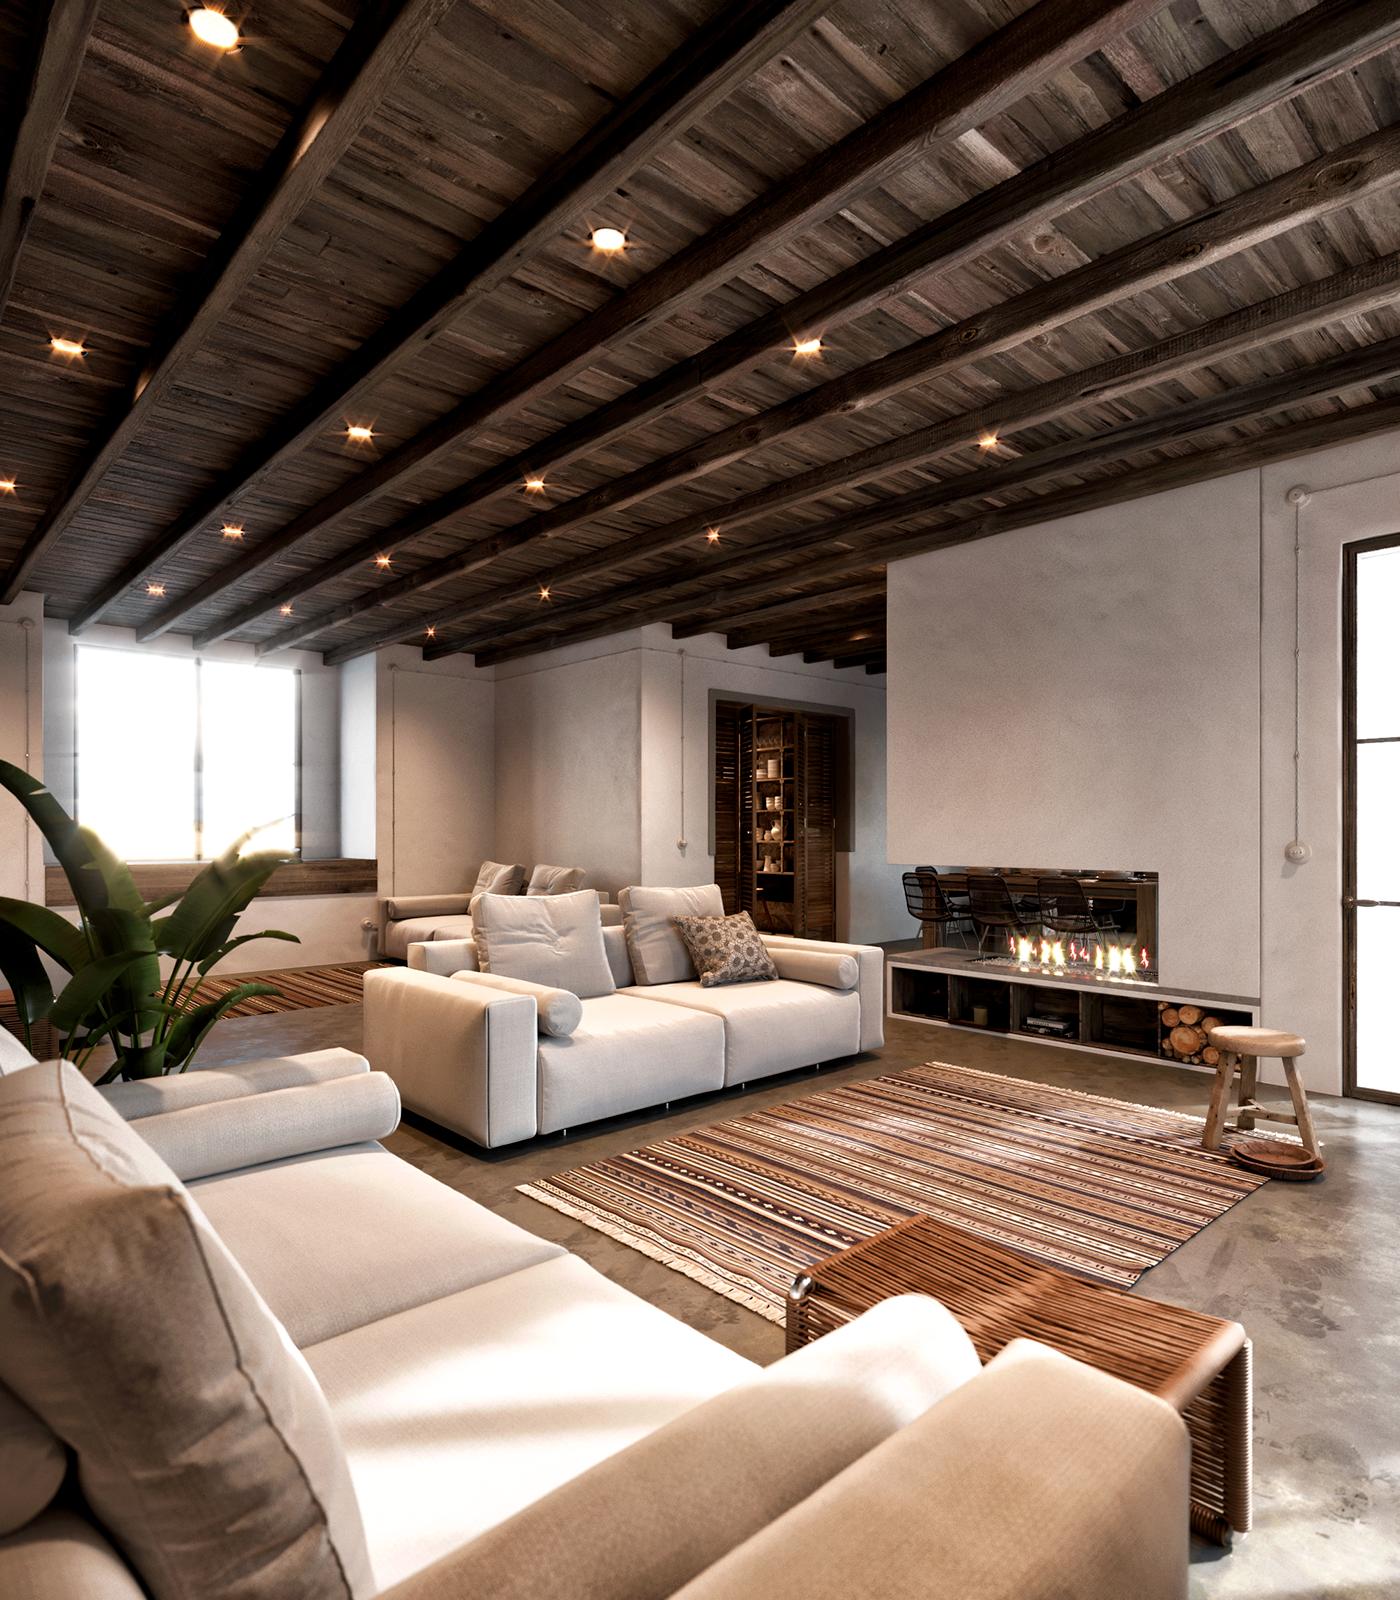 Bellavista house on behance - Interiorismo y decoracion moderna ...